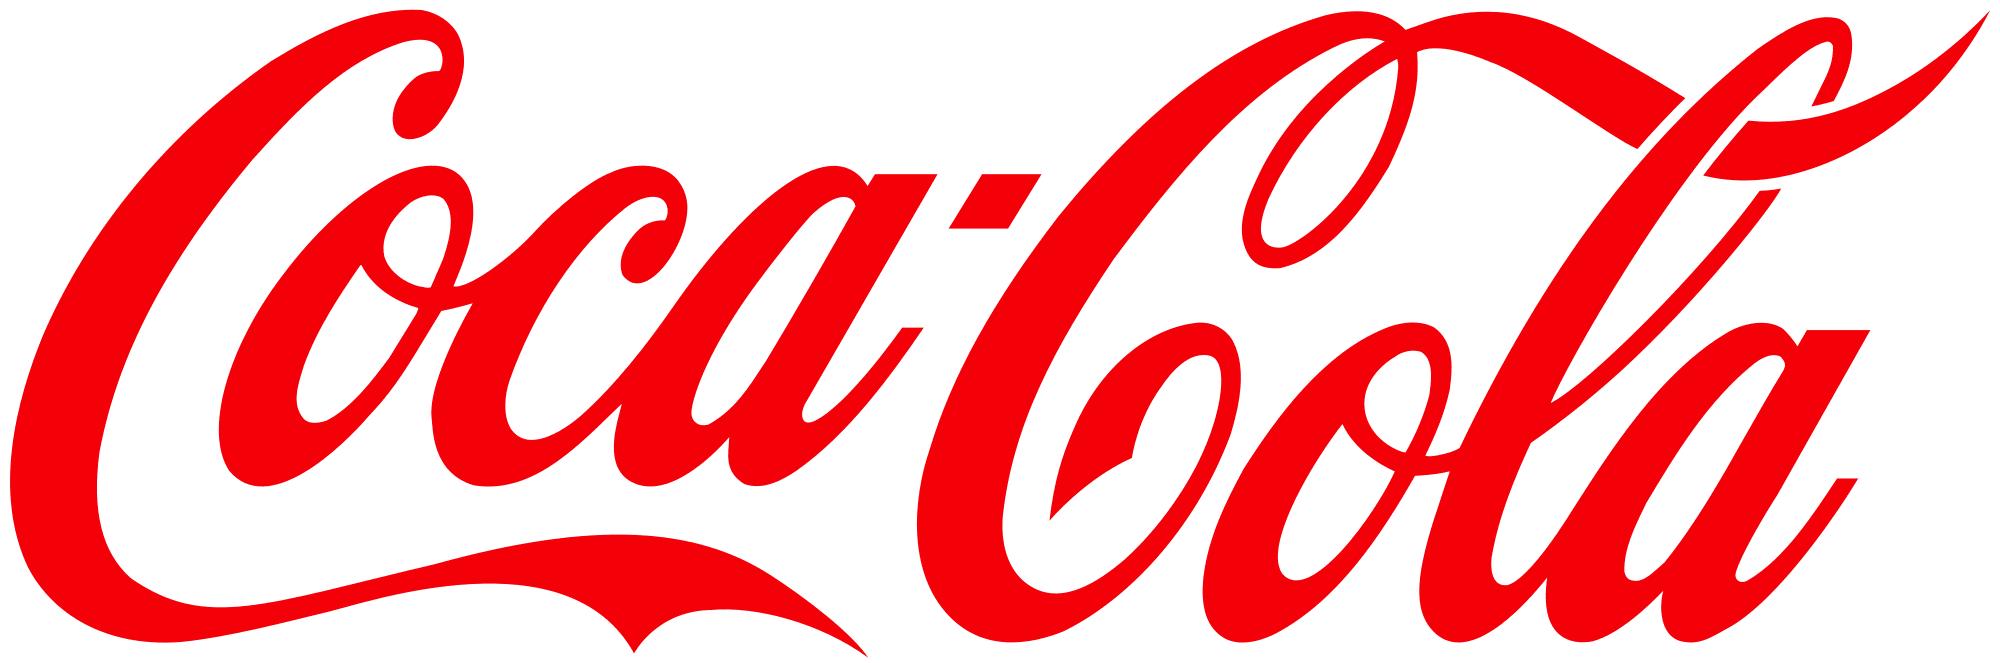 Significado del logo de Coca Cola